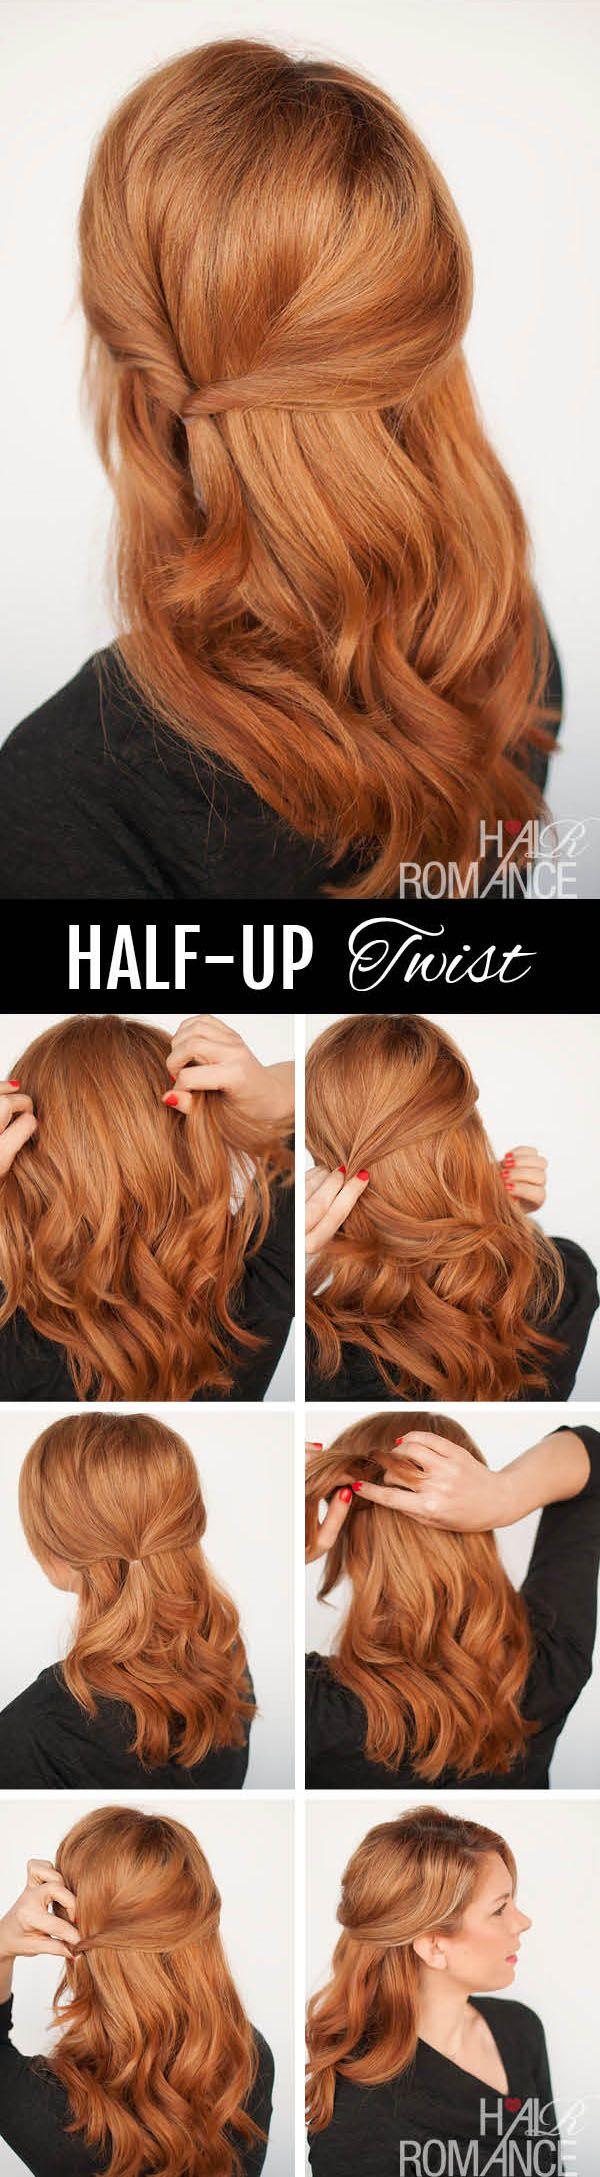 Пошаговая инструкция легких причесок на распущенных волосах